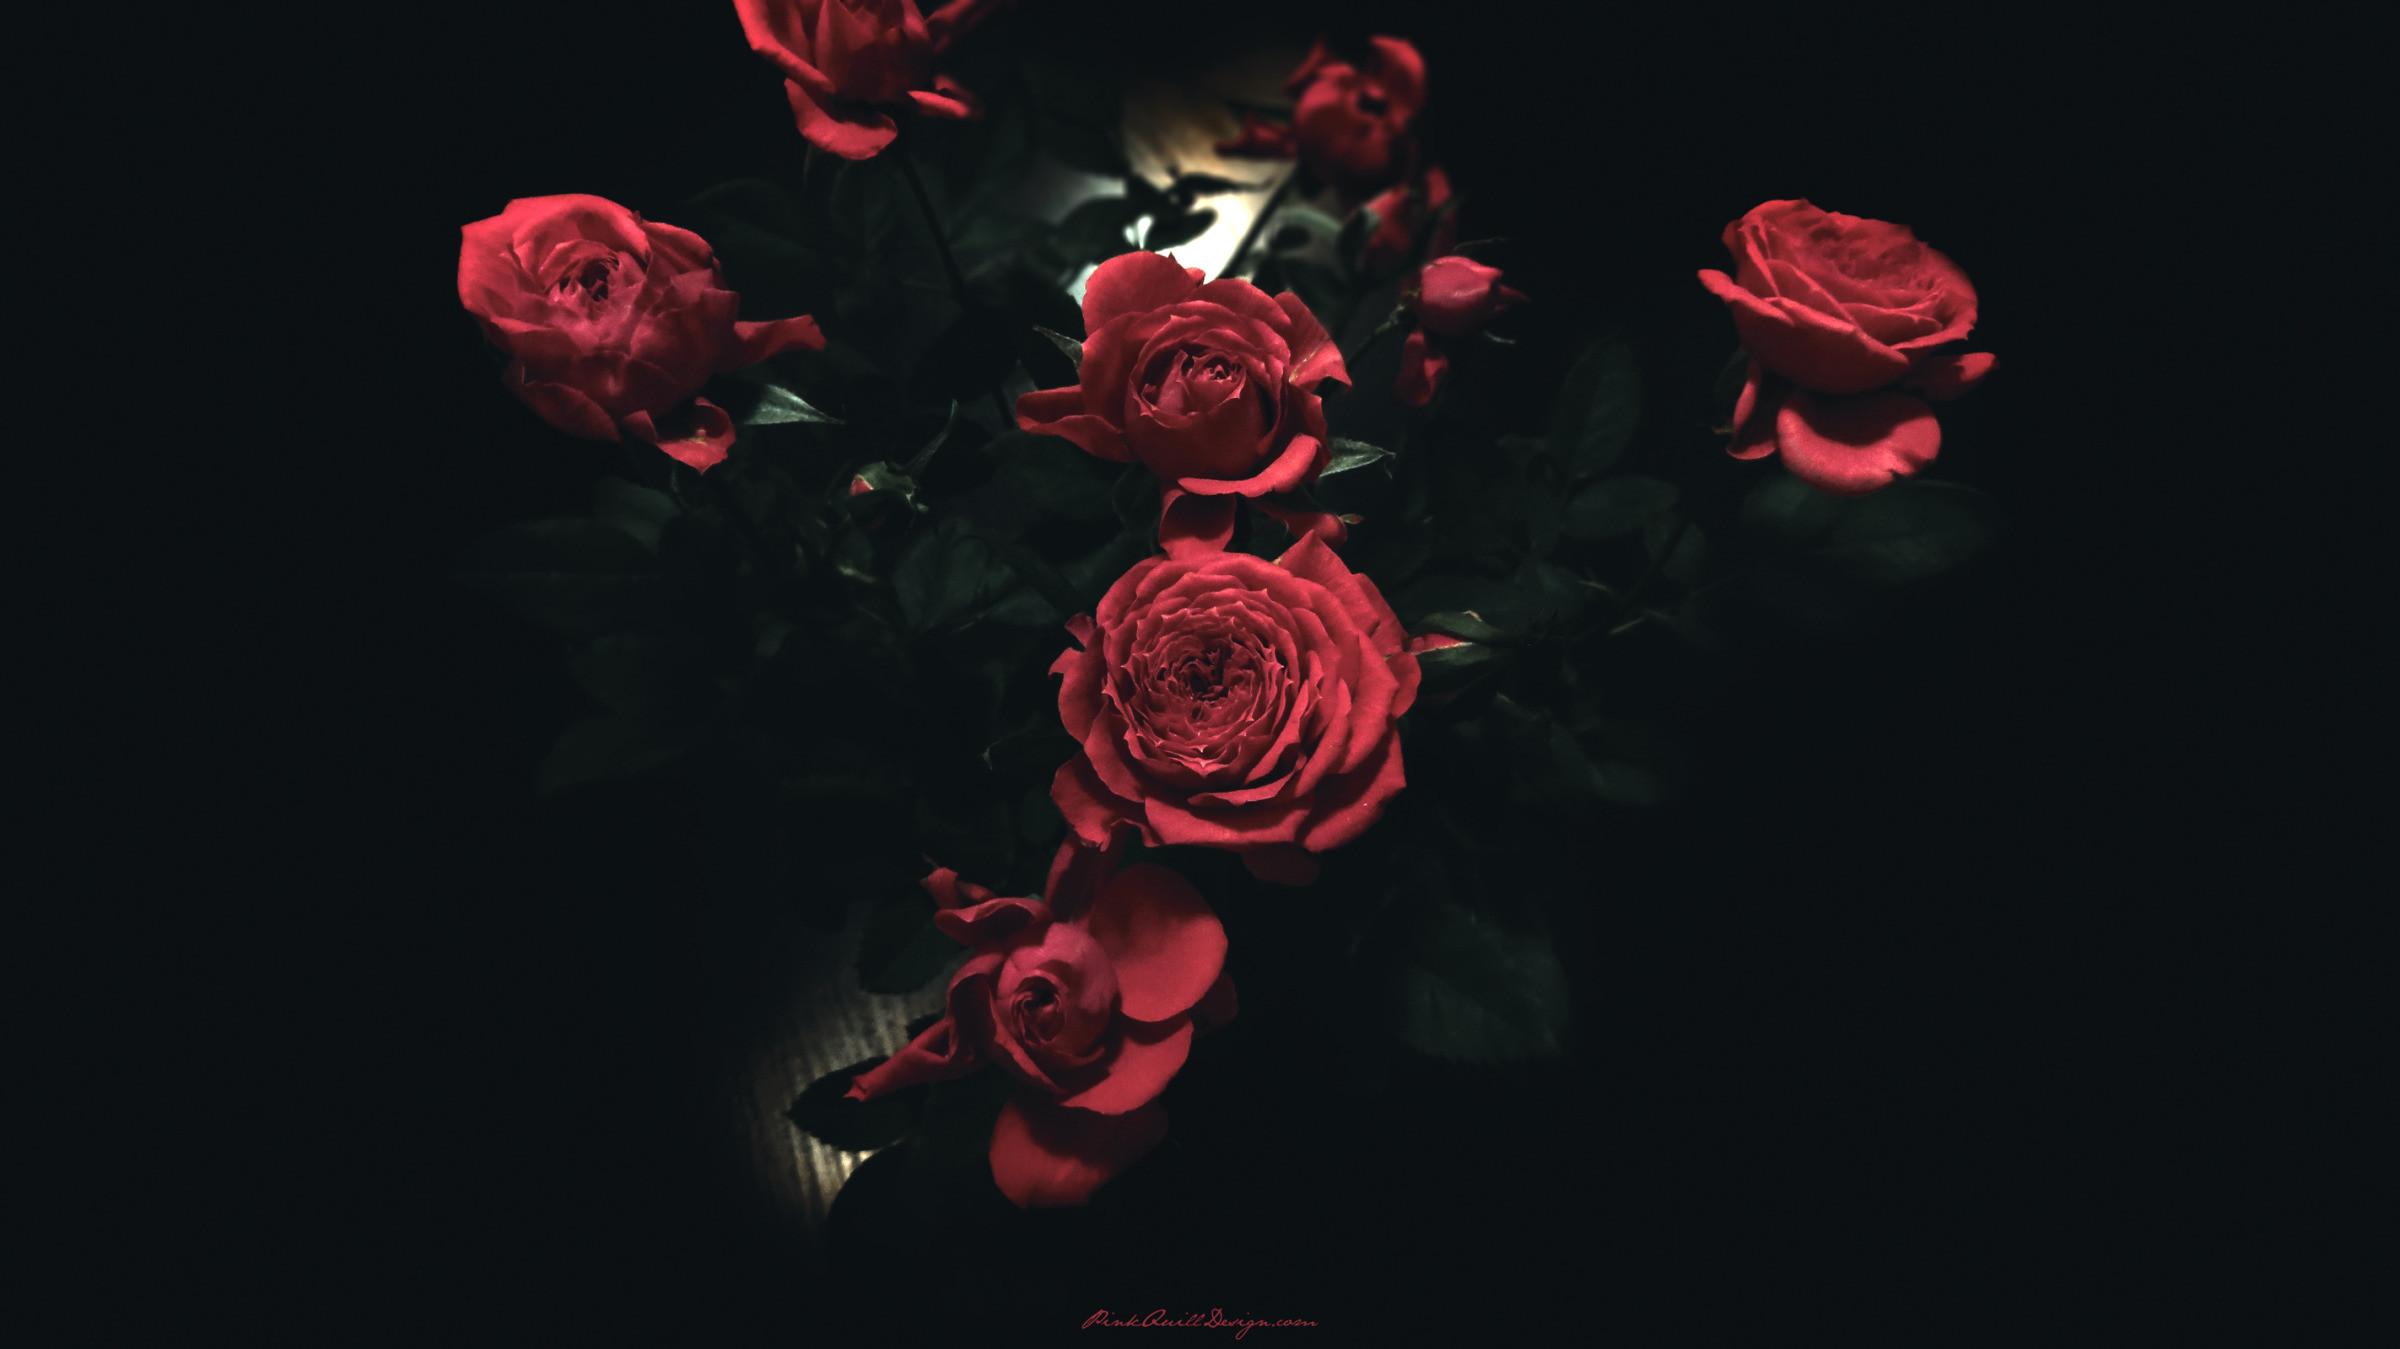 Dark Red Roses Tumblr